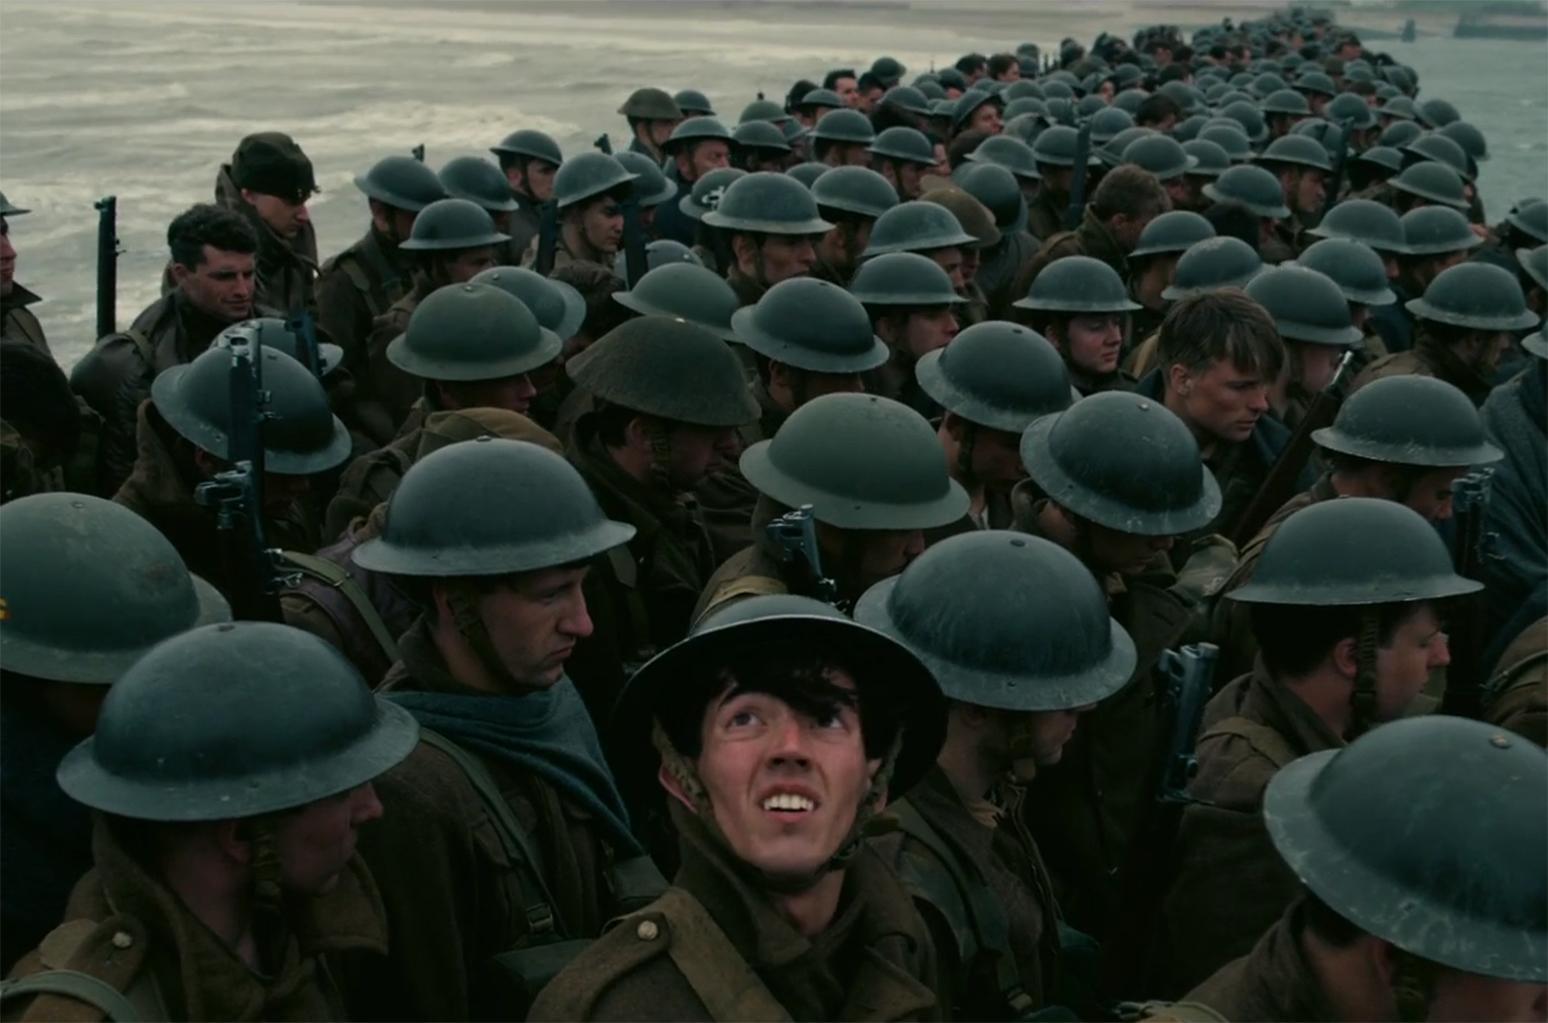 Image du film Dunkerque de Christopher Nolan